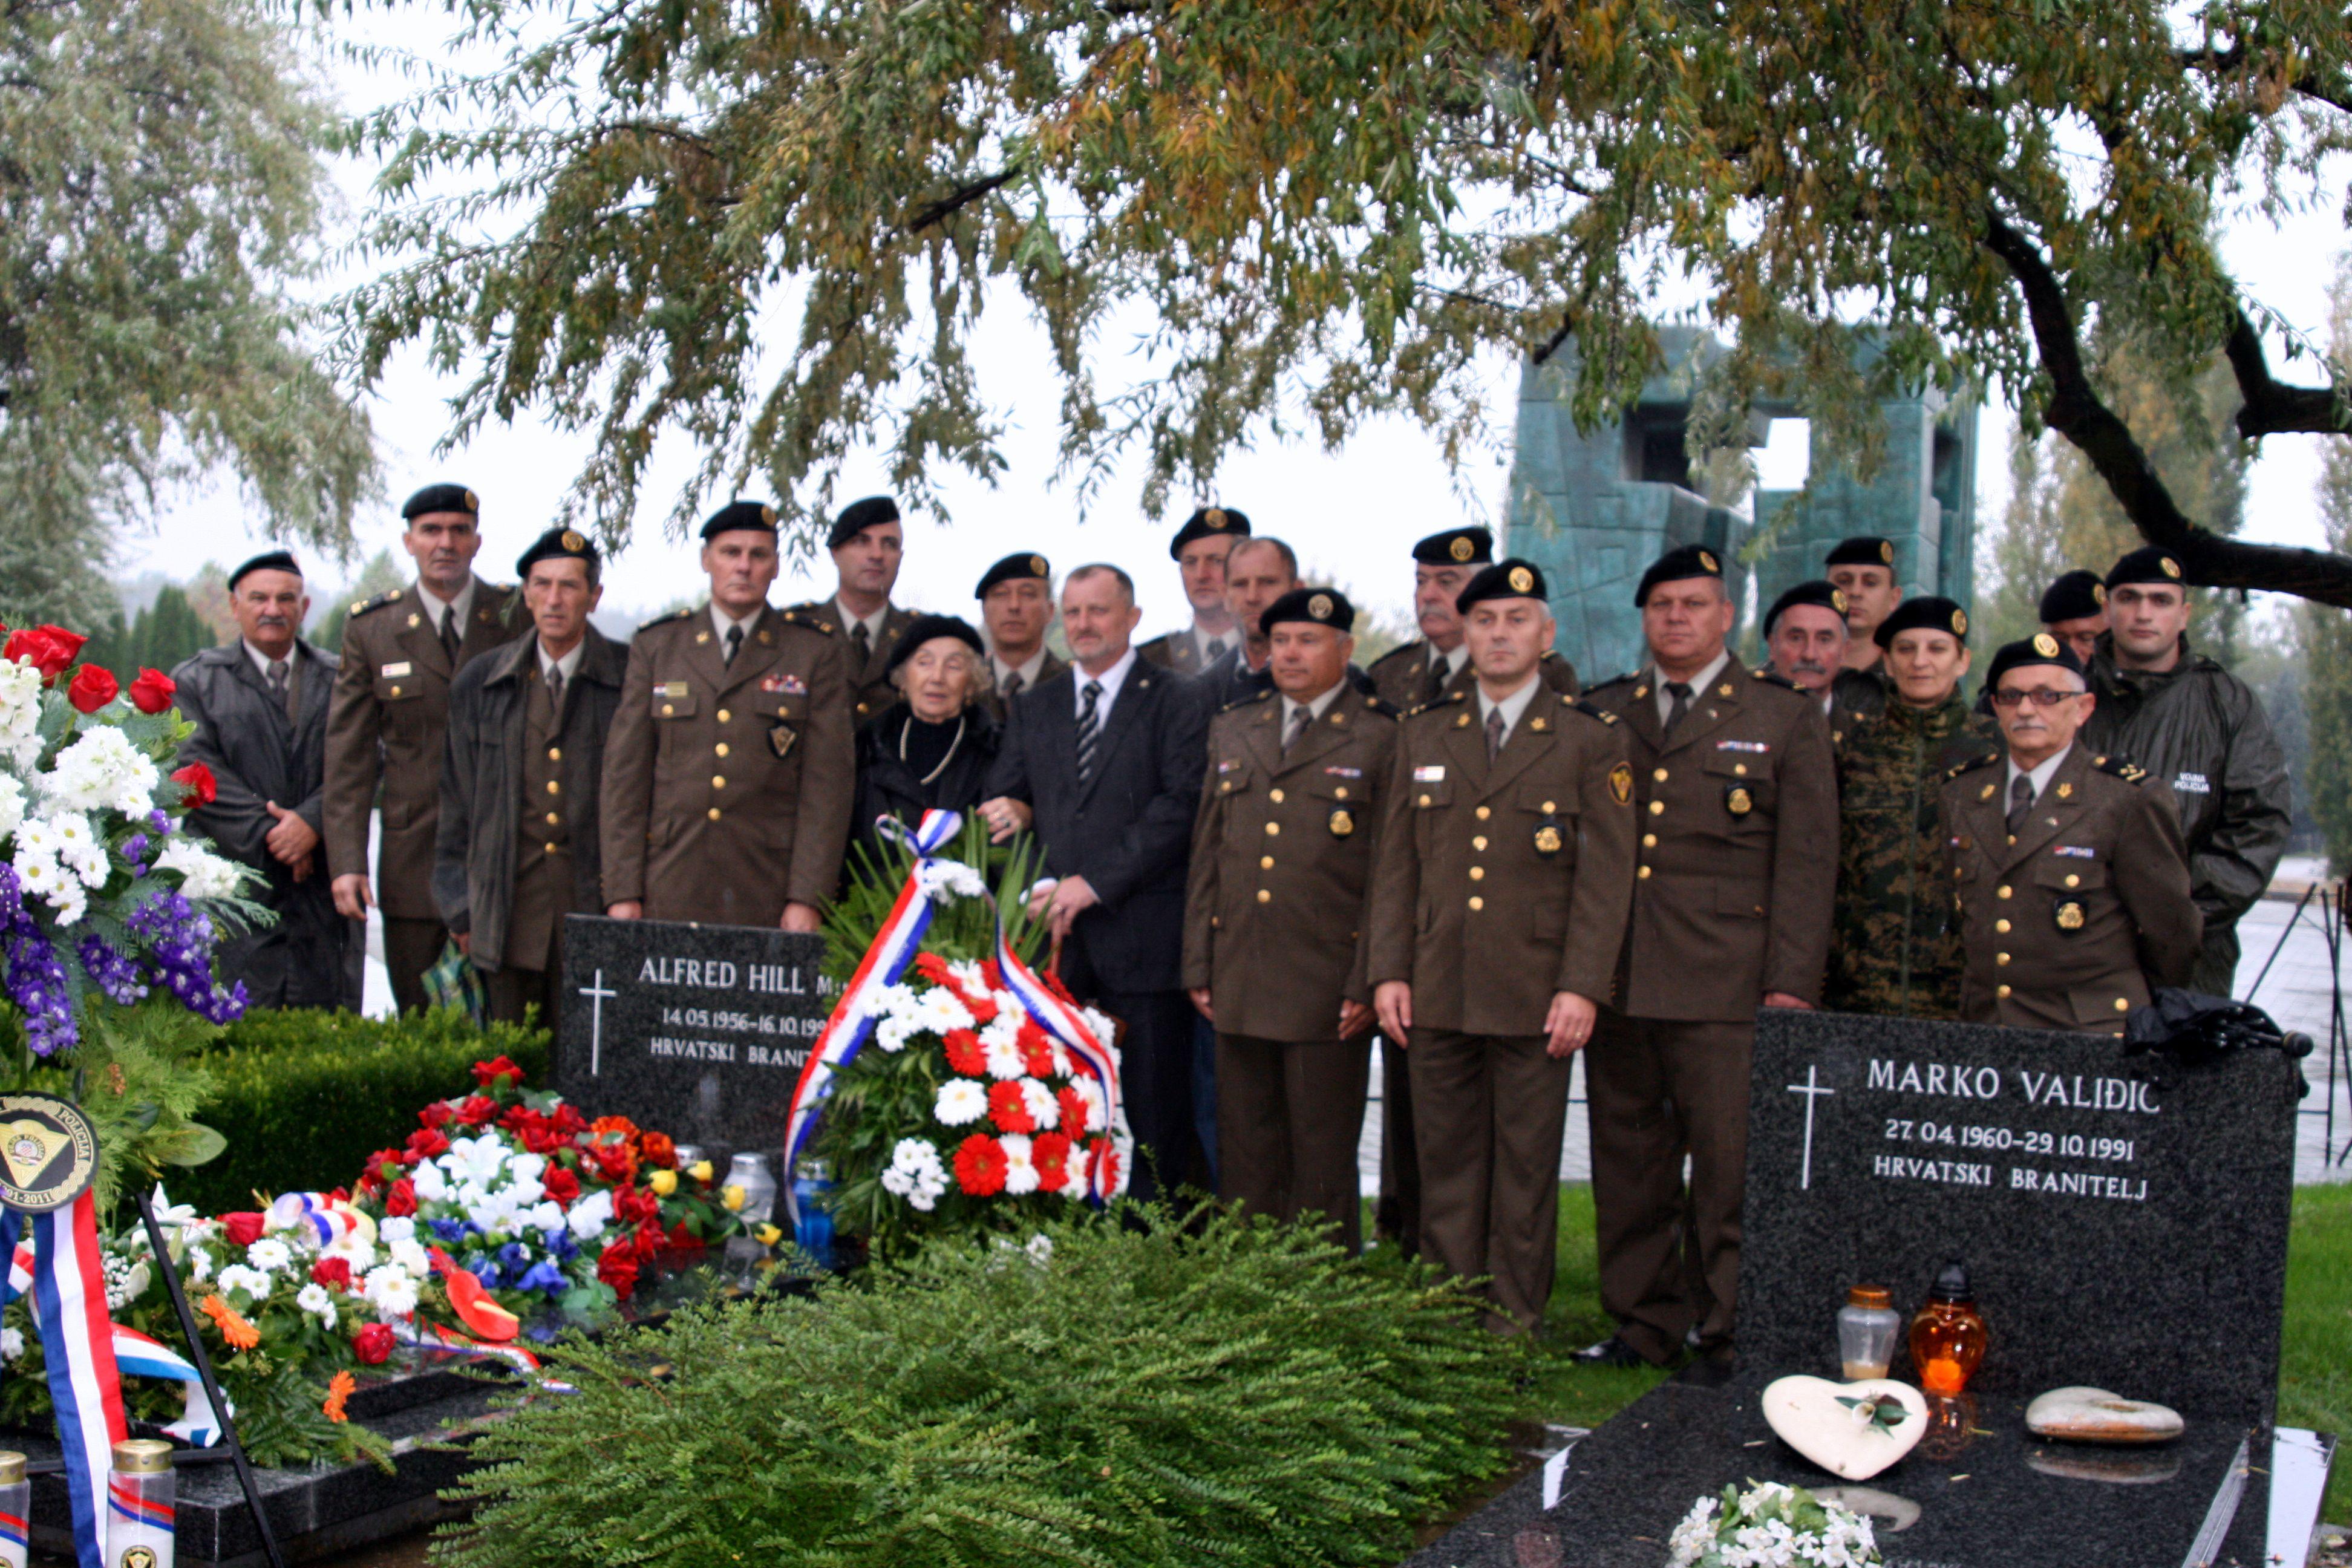 Odana počast bojniku Alfredu Hillu u Vukovaru i Zagrebu